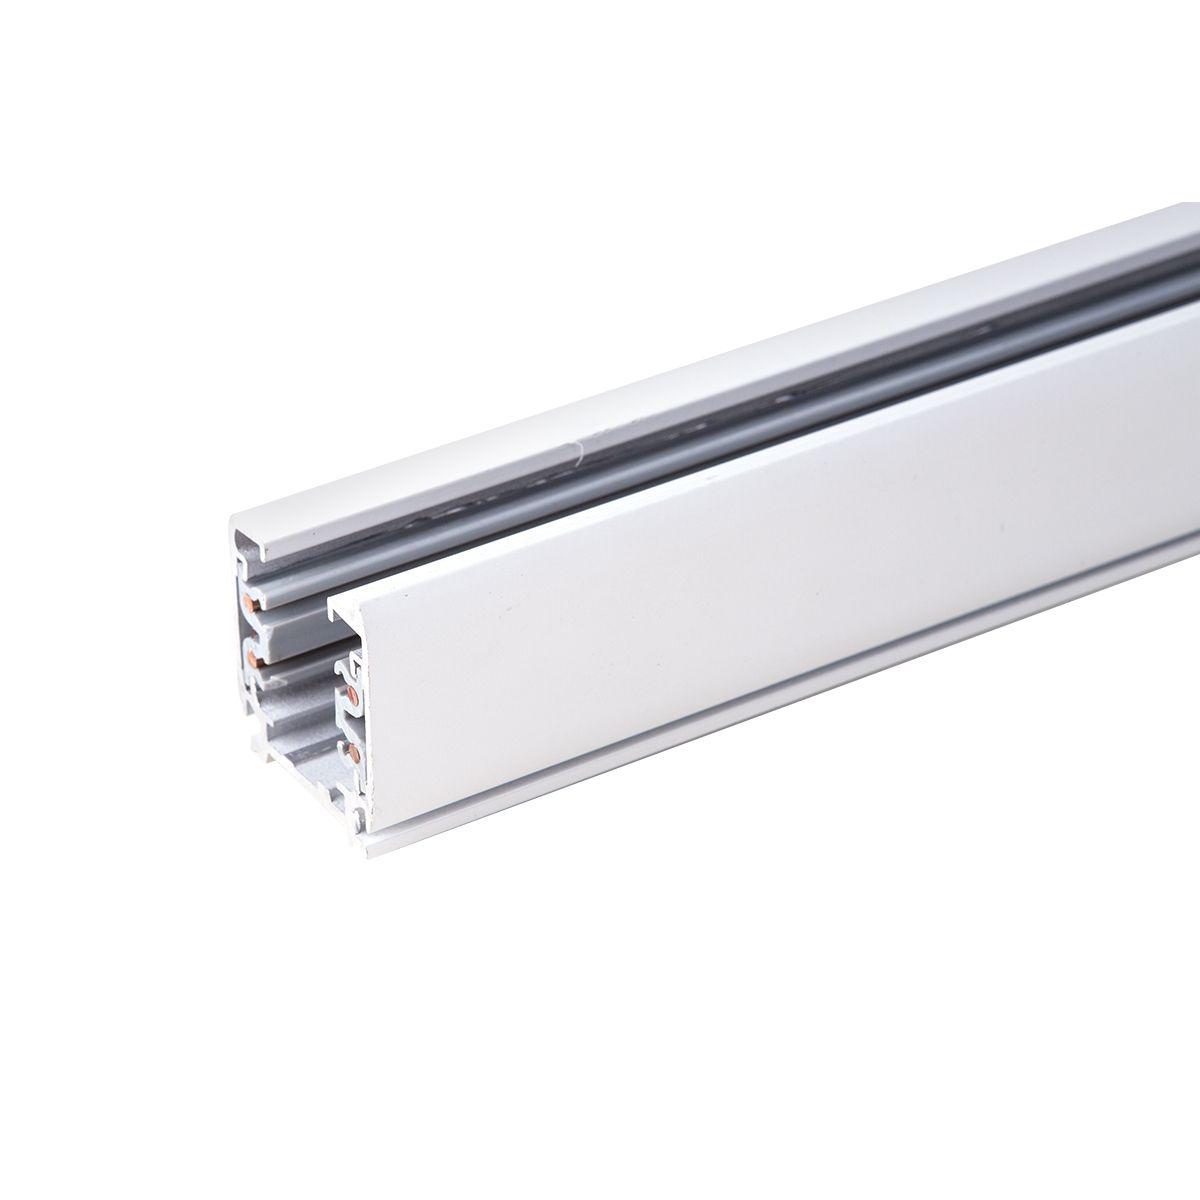 Трехфазный шинопровод 2 метра белый (с вводом питания и заглушкой) TRL-1-3-200-WH 2 метра белый